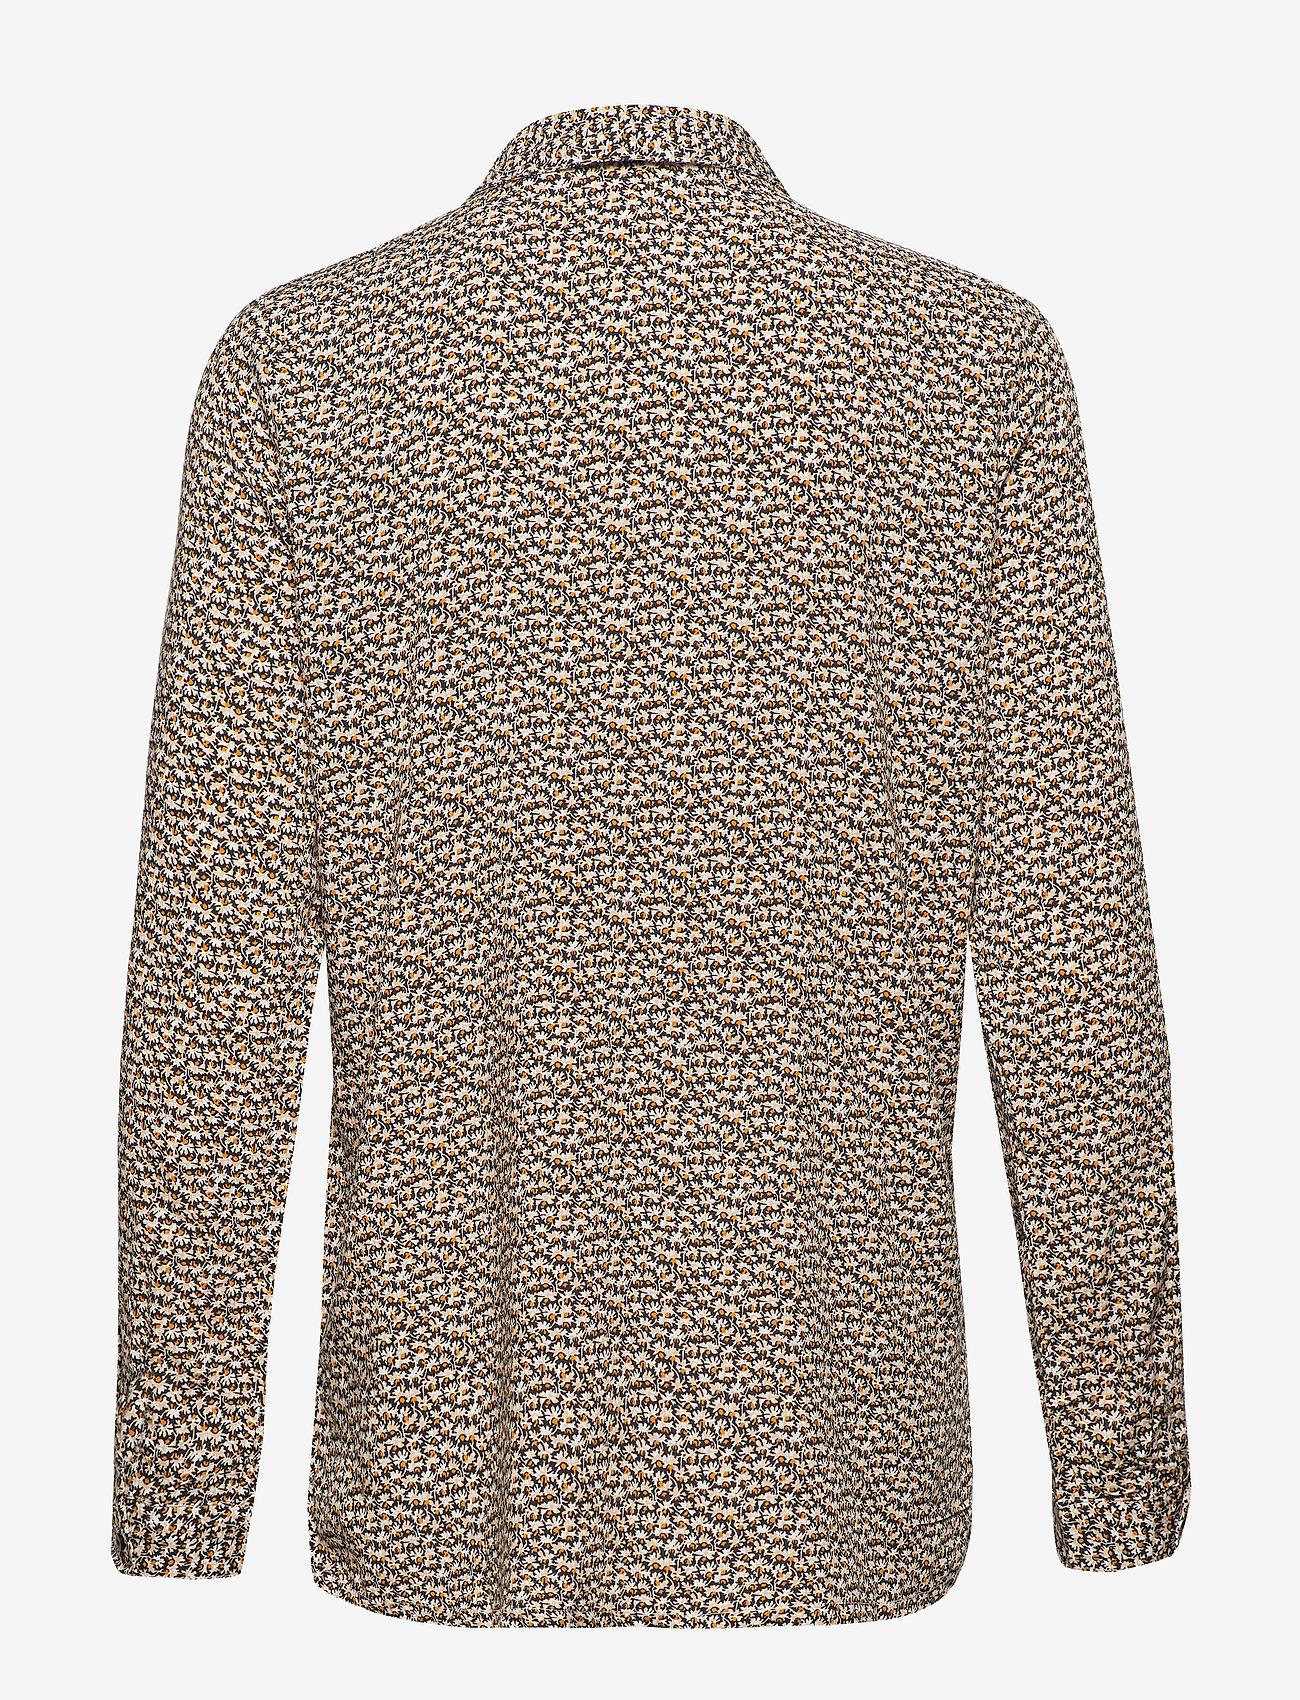 Minimum - Cresta - blouses à manches longues - navy blazer